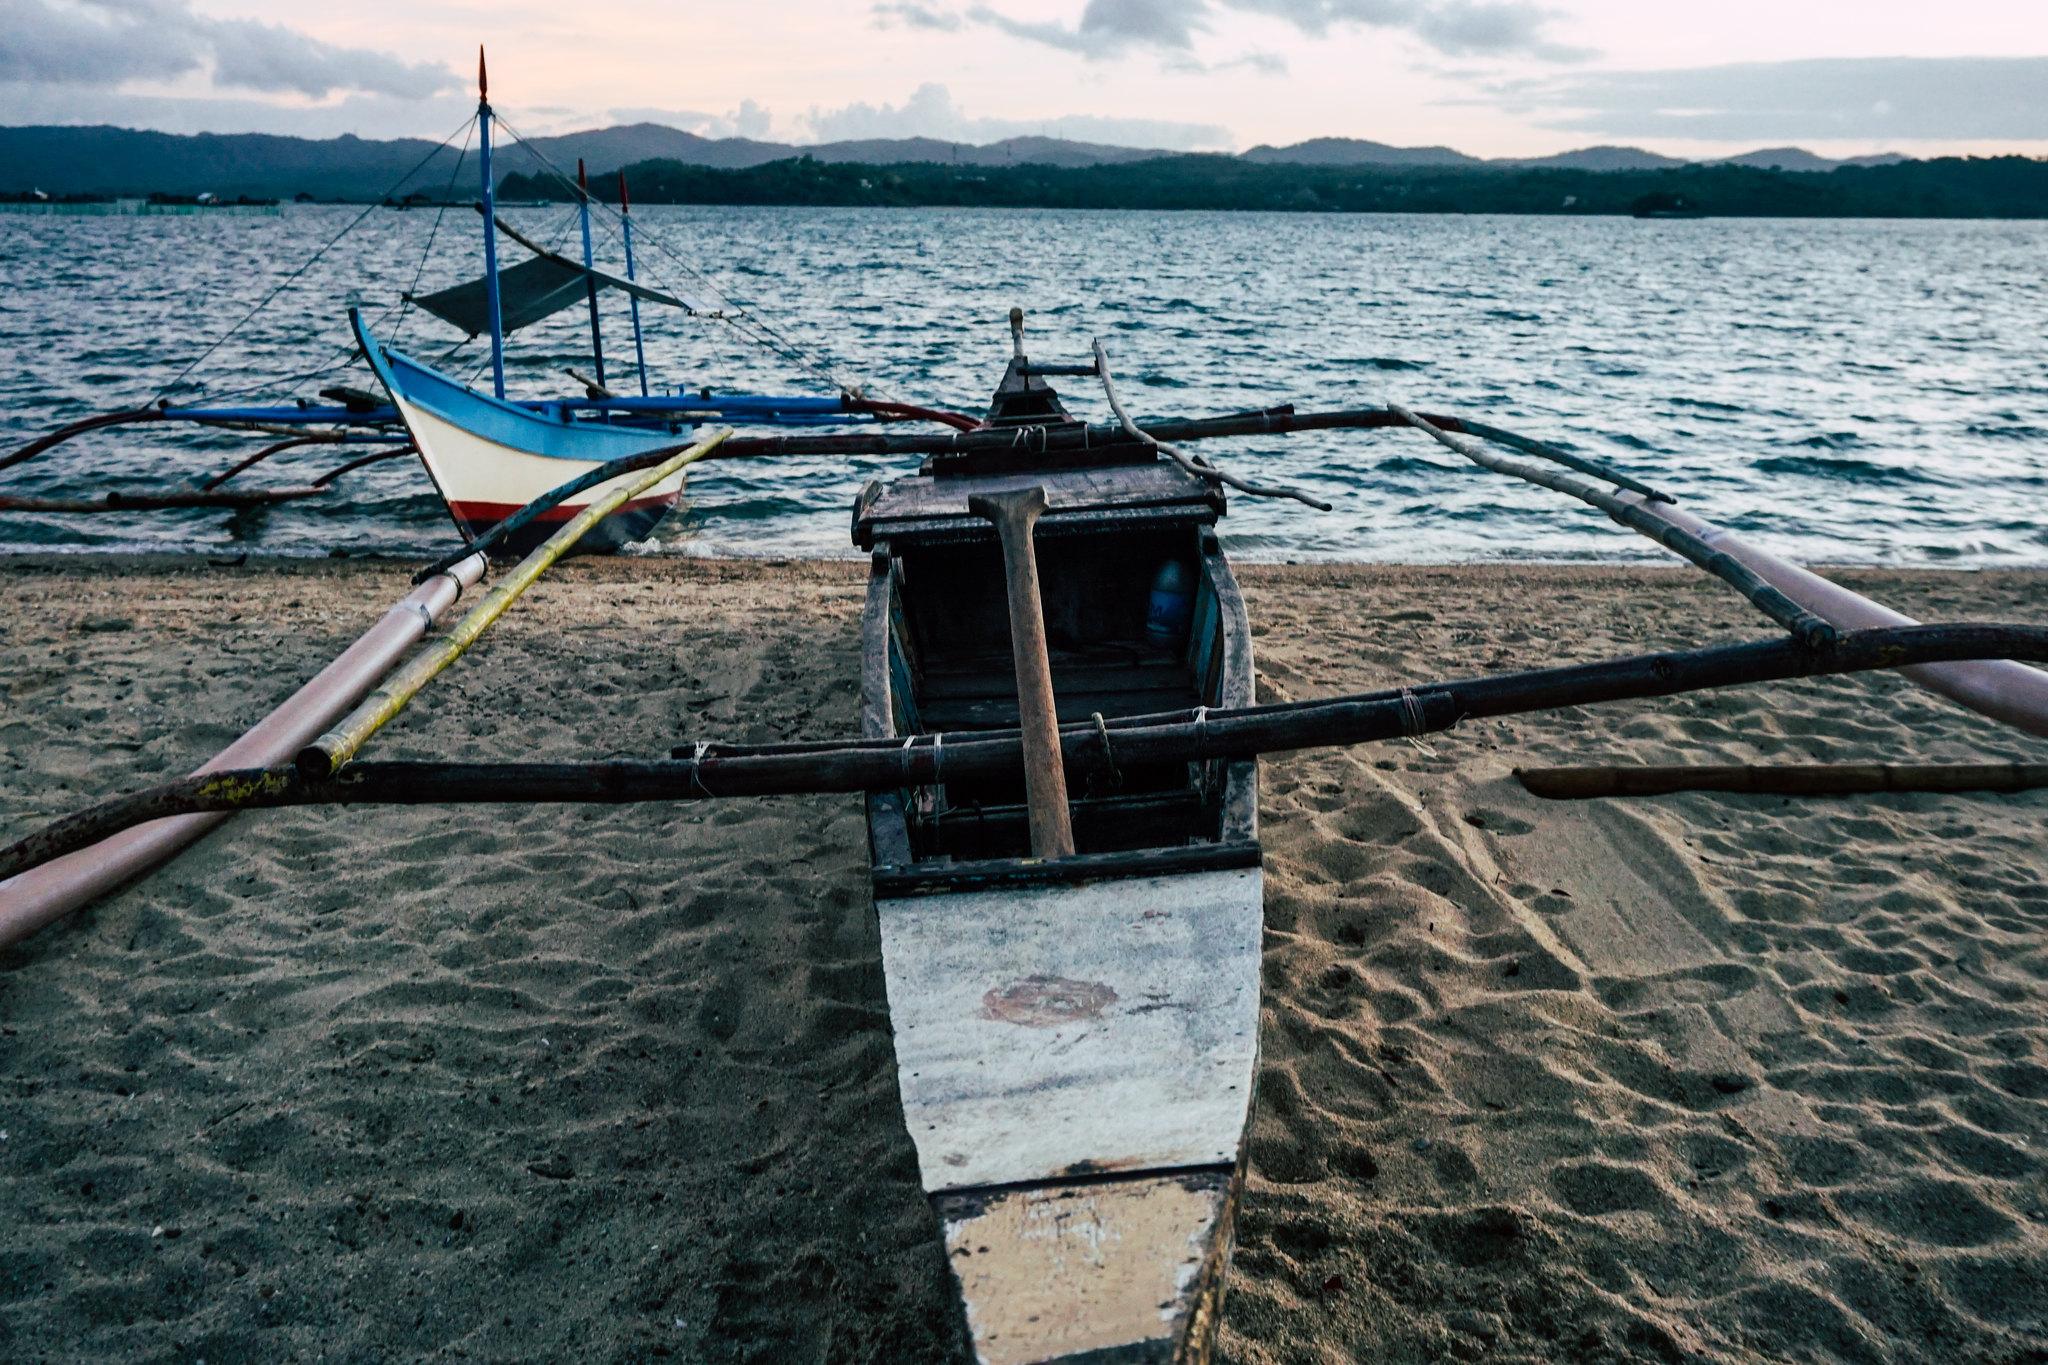 Travel Guide to Borawan Island, Padre Burgos, Philippines 05